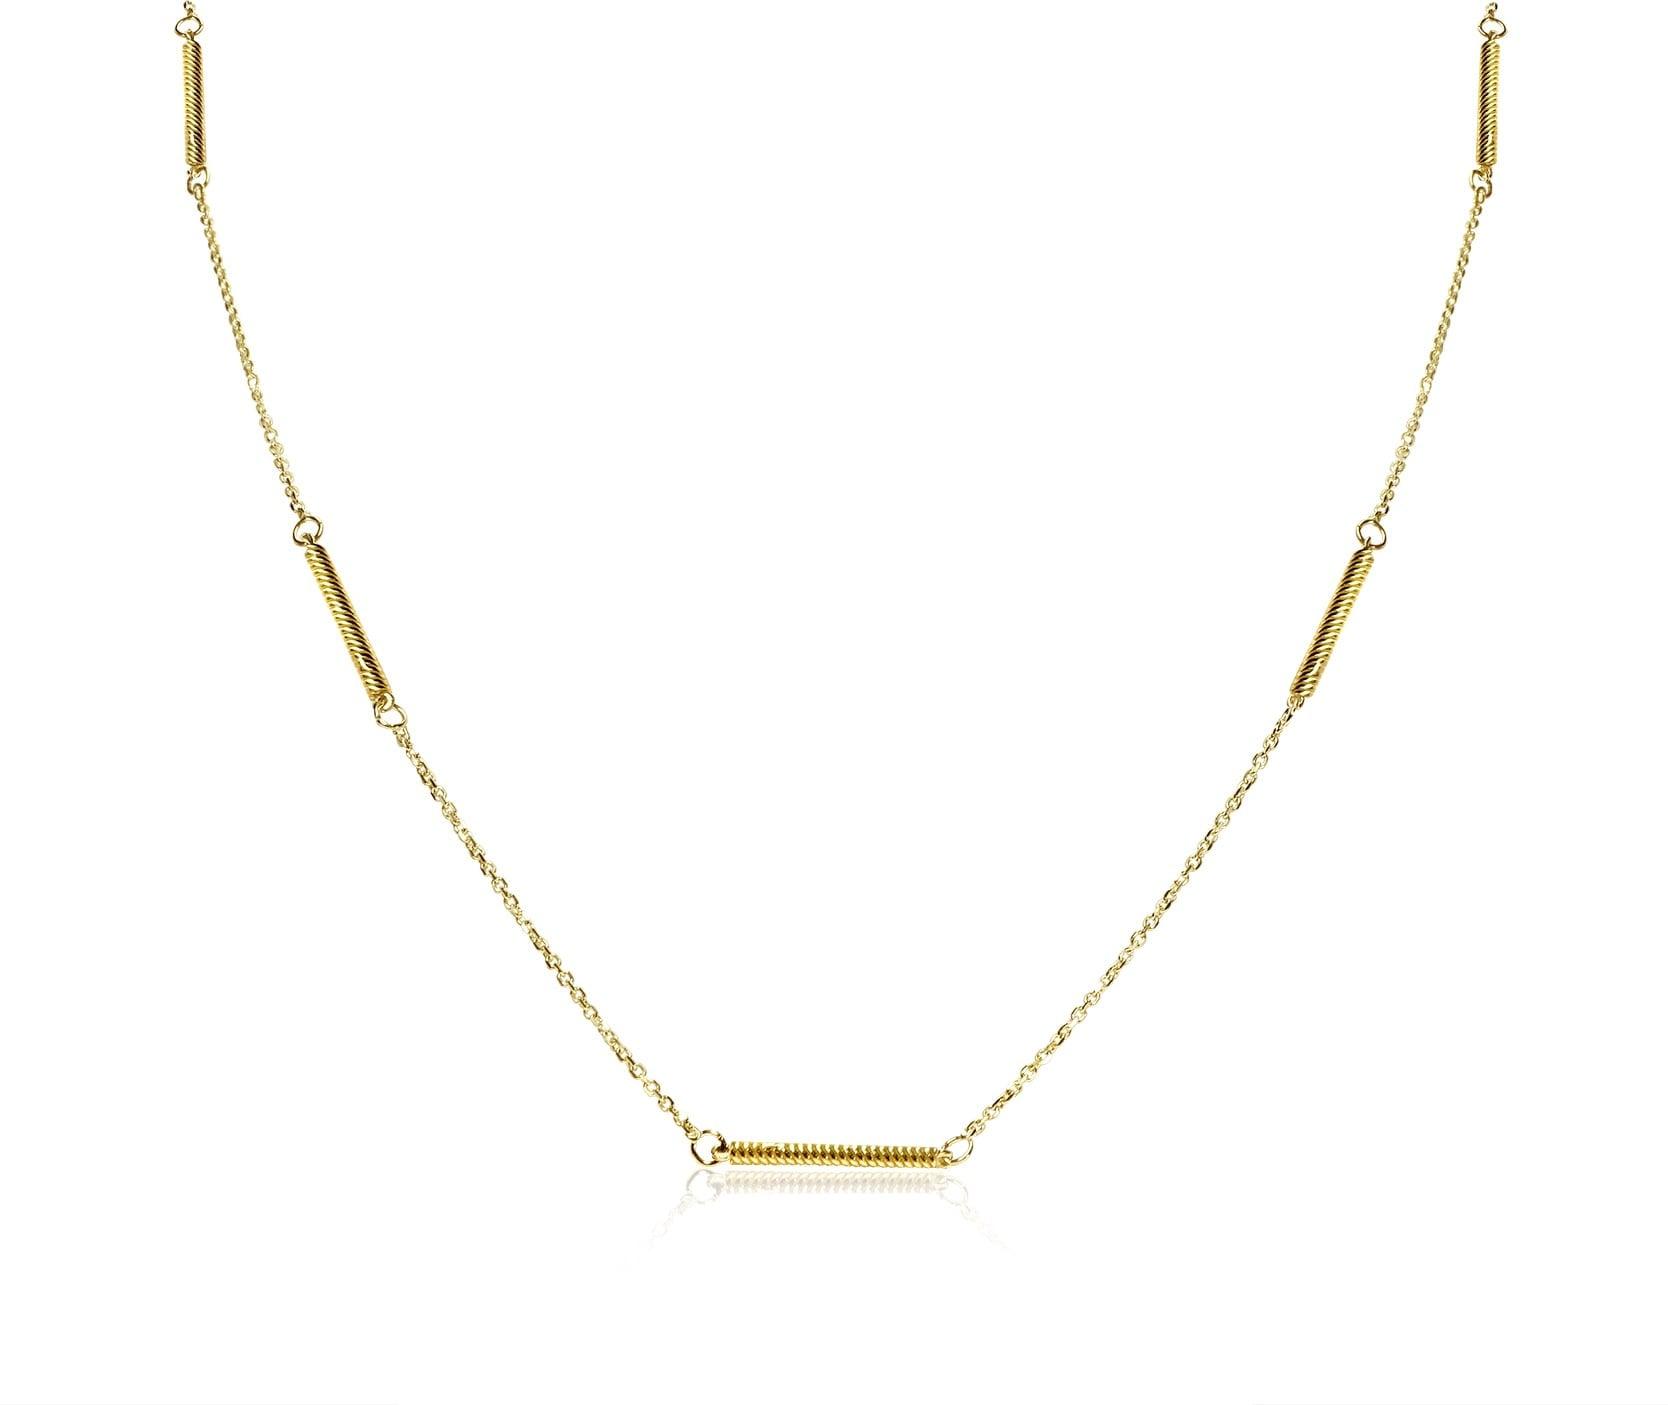 שרשרת זהב מקלות לגבר 14 קאראט